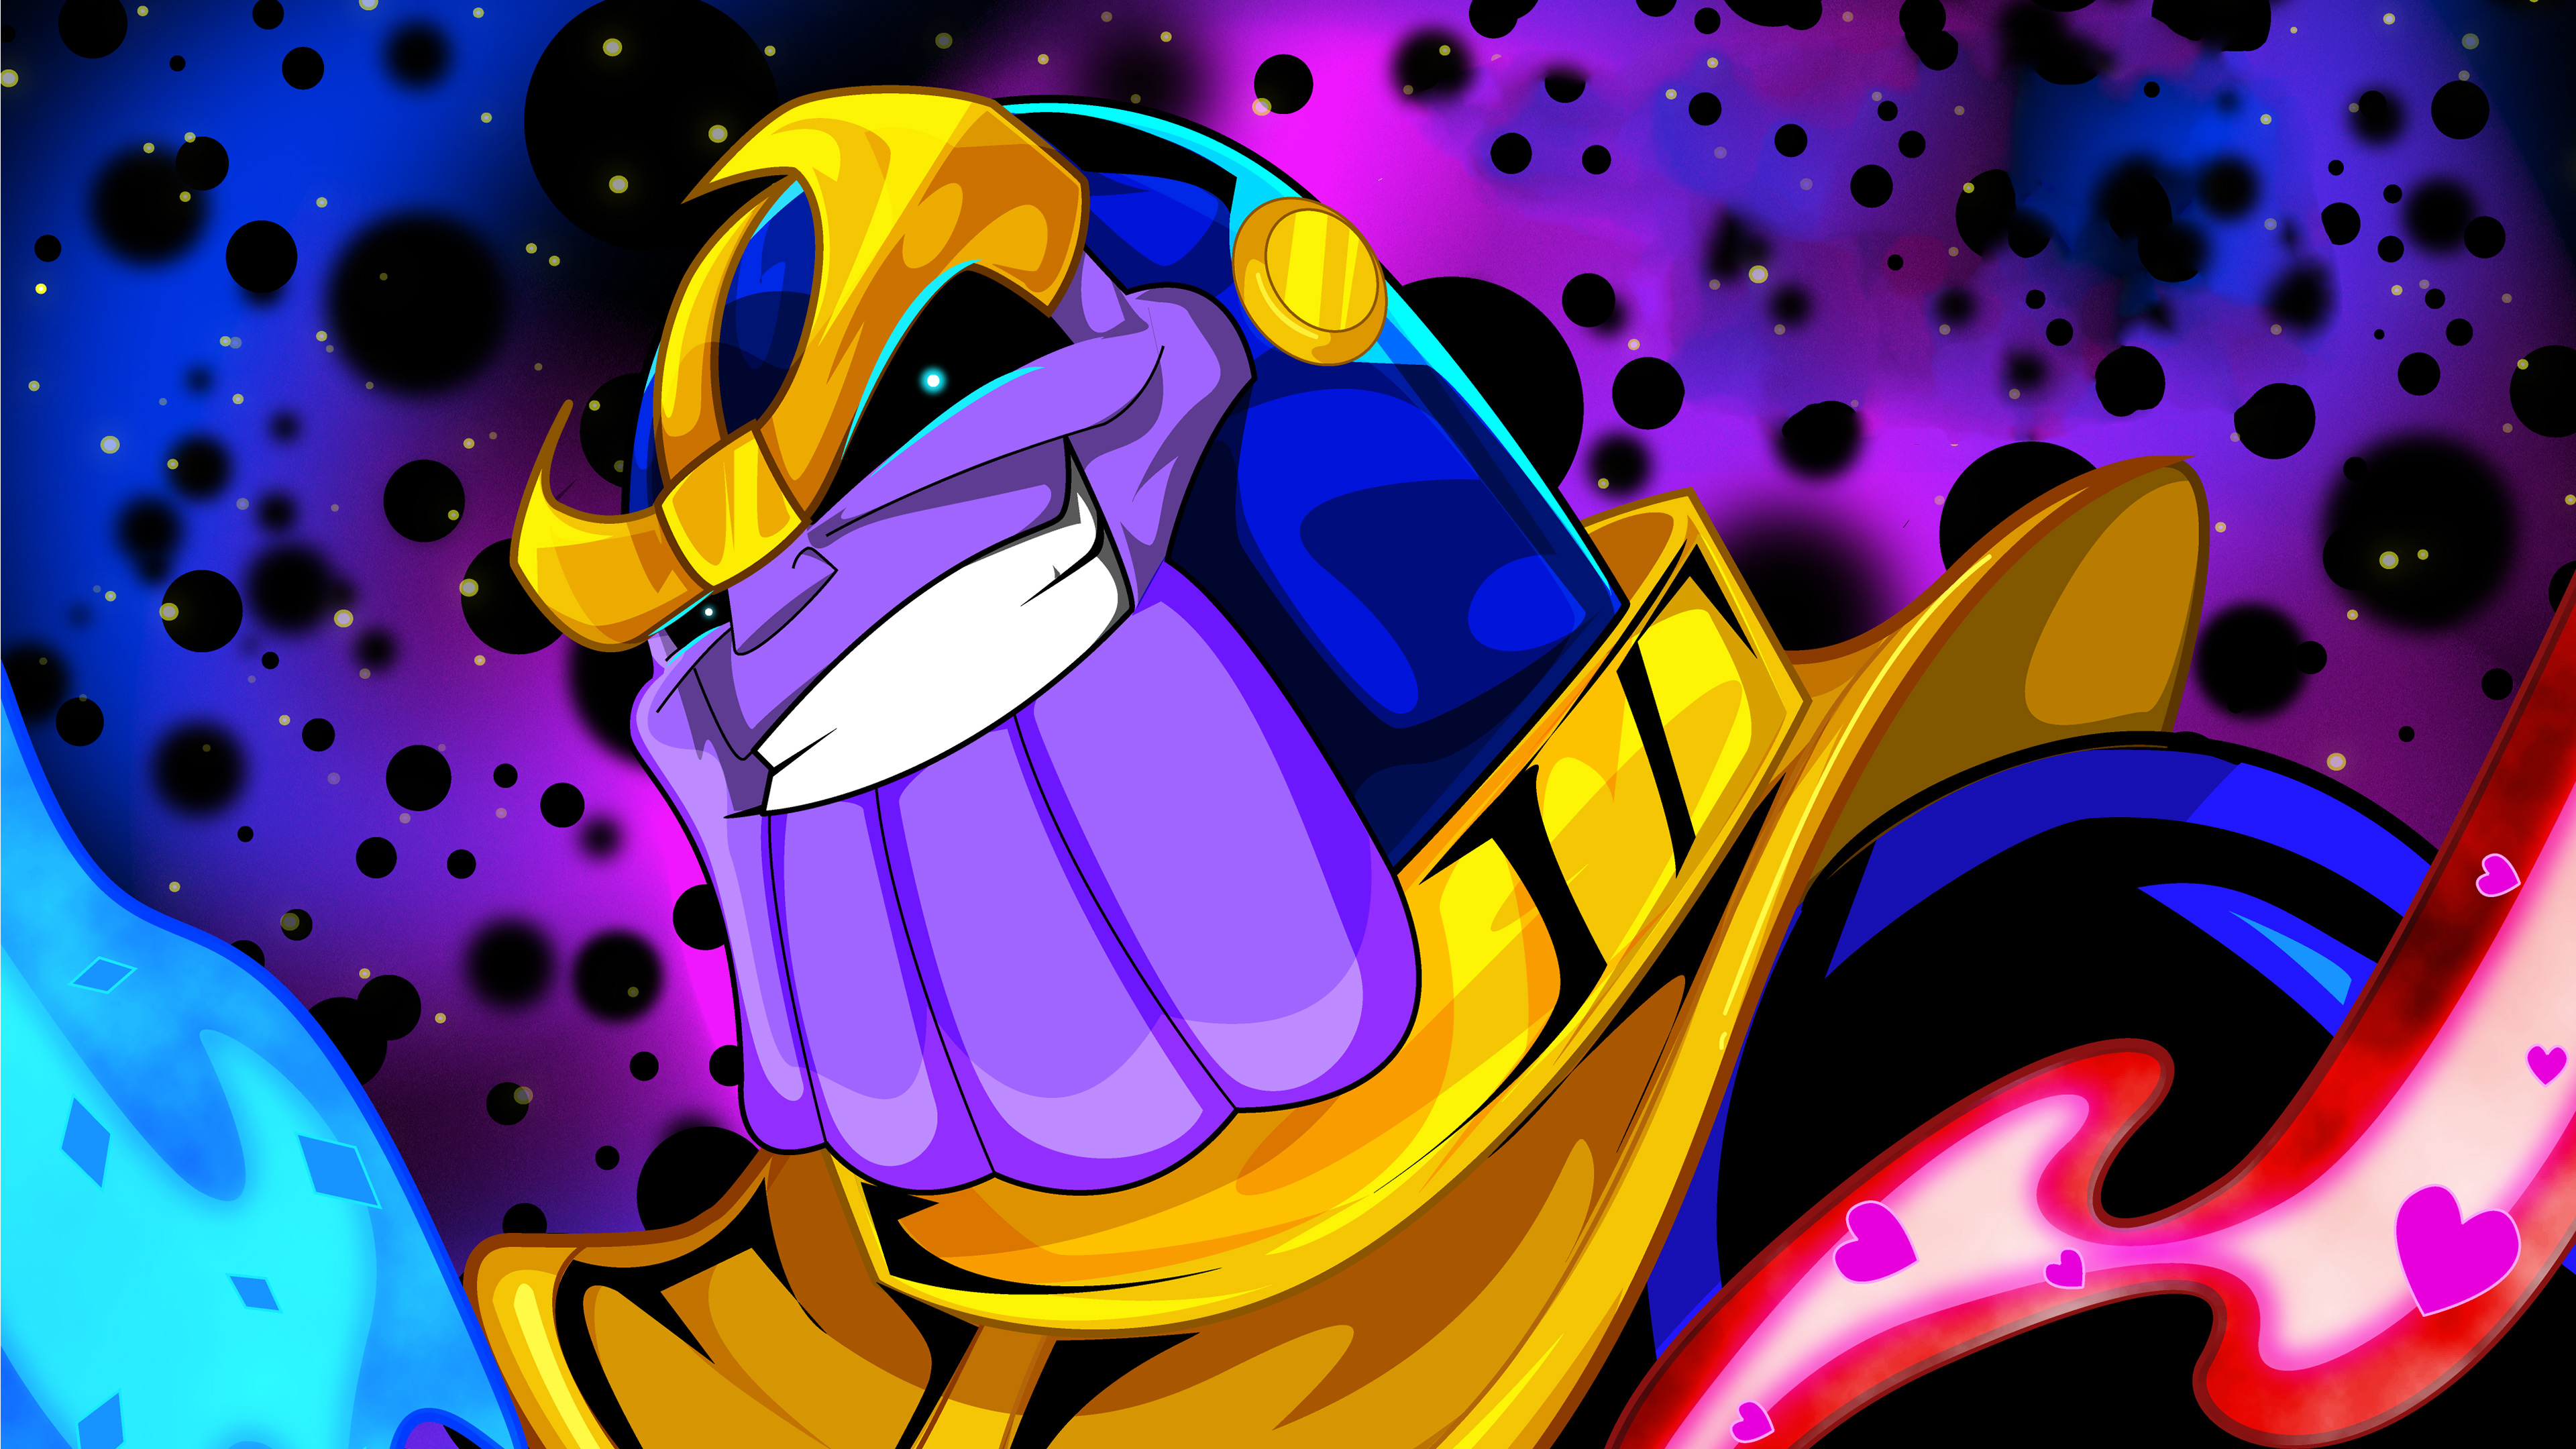 thanos feeling lucky 1536523932 - Thanos Feeling Lucky - thanos-wallpapers, superheroes wallpapers, marvel wallpapers, hd-wallpapers, digital art wallpapers, behance wallpapers, artwork wallpapers, 4k-wallpapers